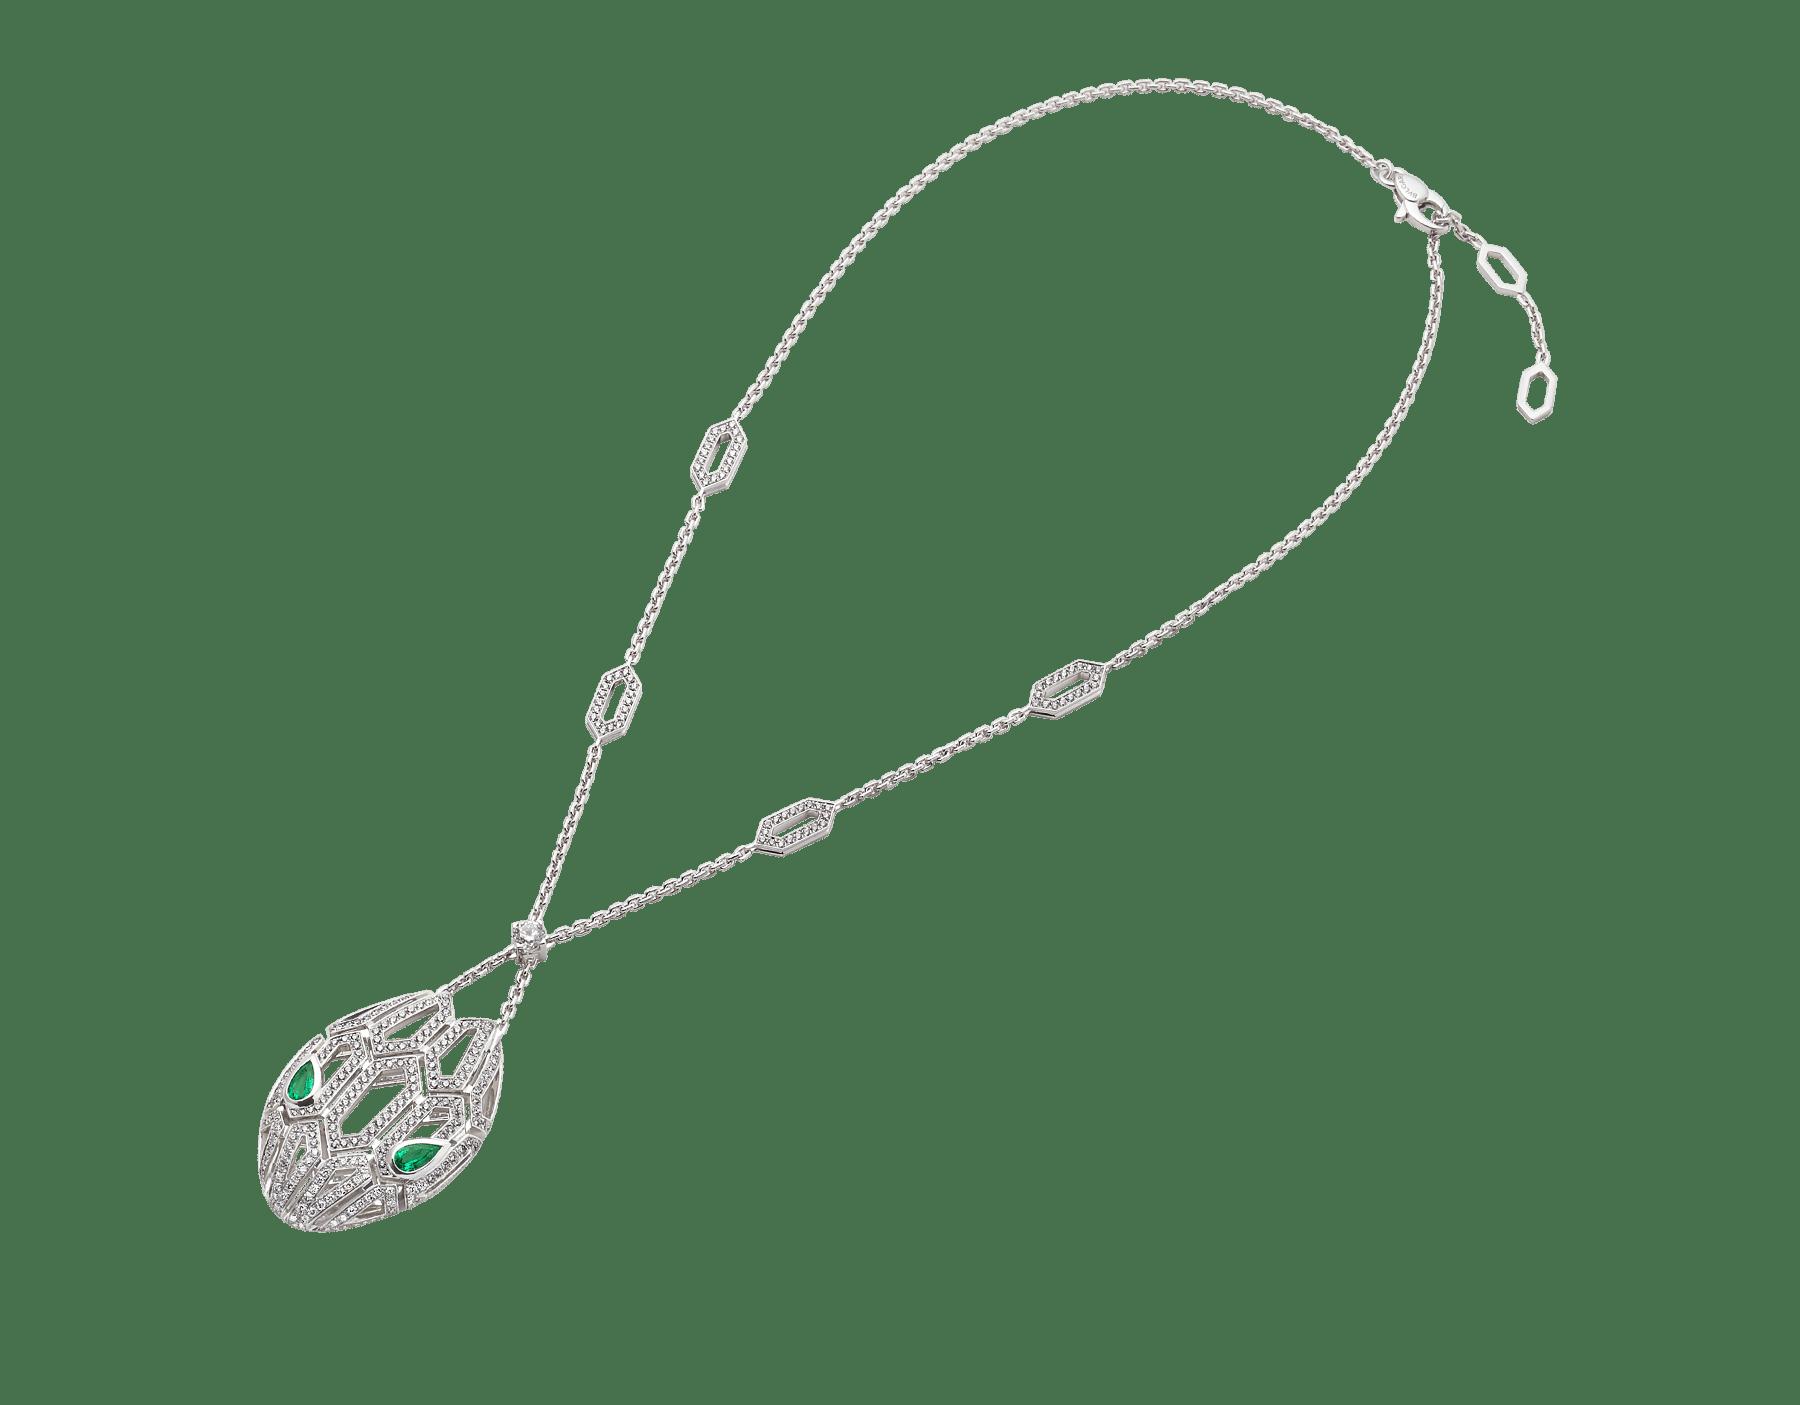 Колье Serpenti с восхитительным шестиугольным мотивом, украшенным бриллиантовым паве и напоминающим рисунок змеиной кожи, излучает страсть и завораживает магнетическим взглядом изумрудных змеиных глаз. 352752 image 2